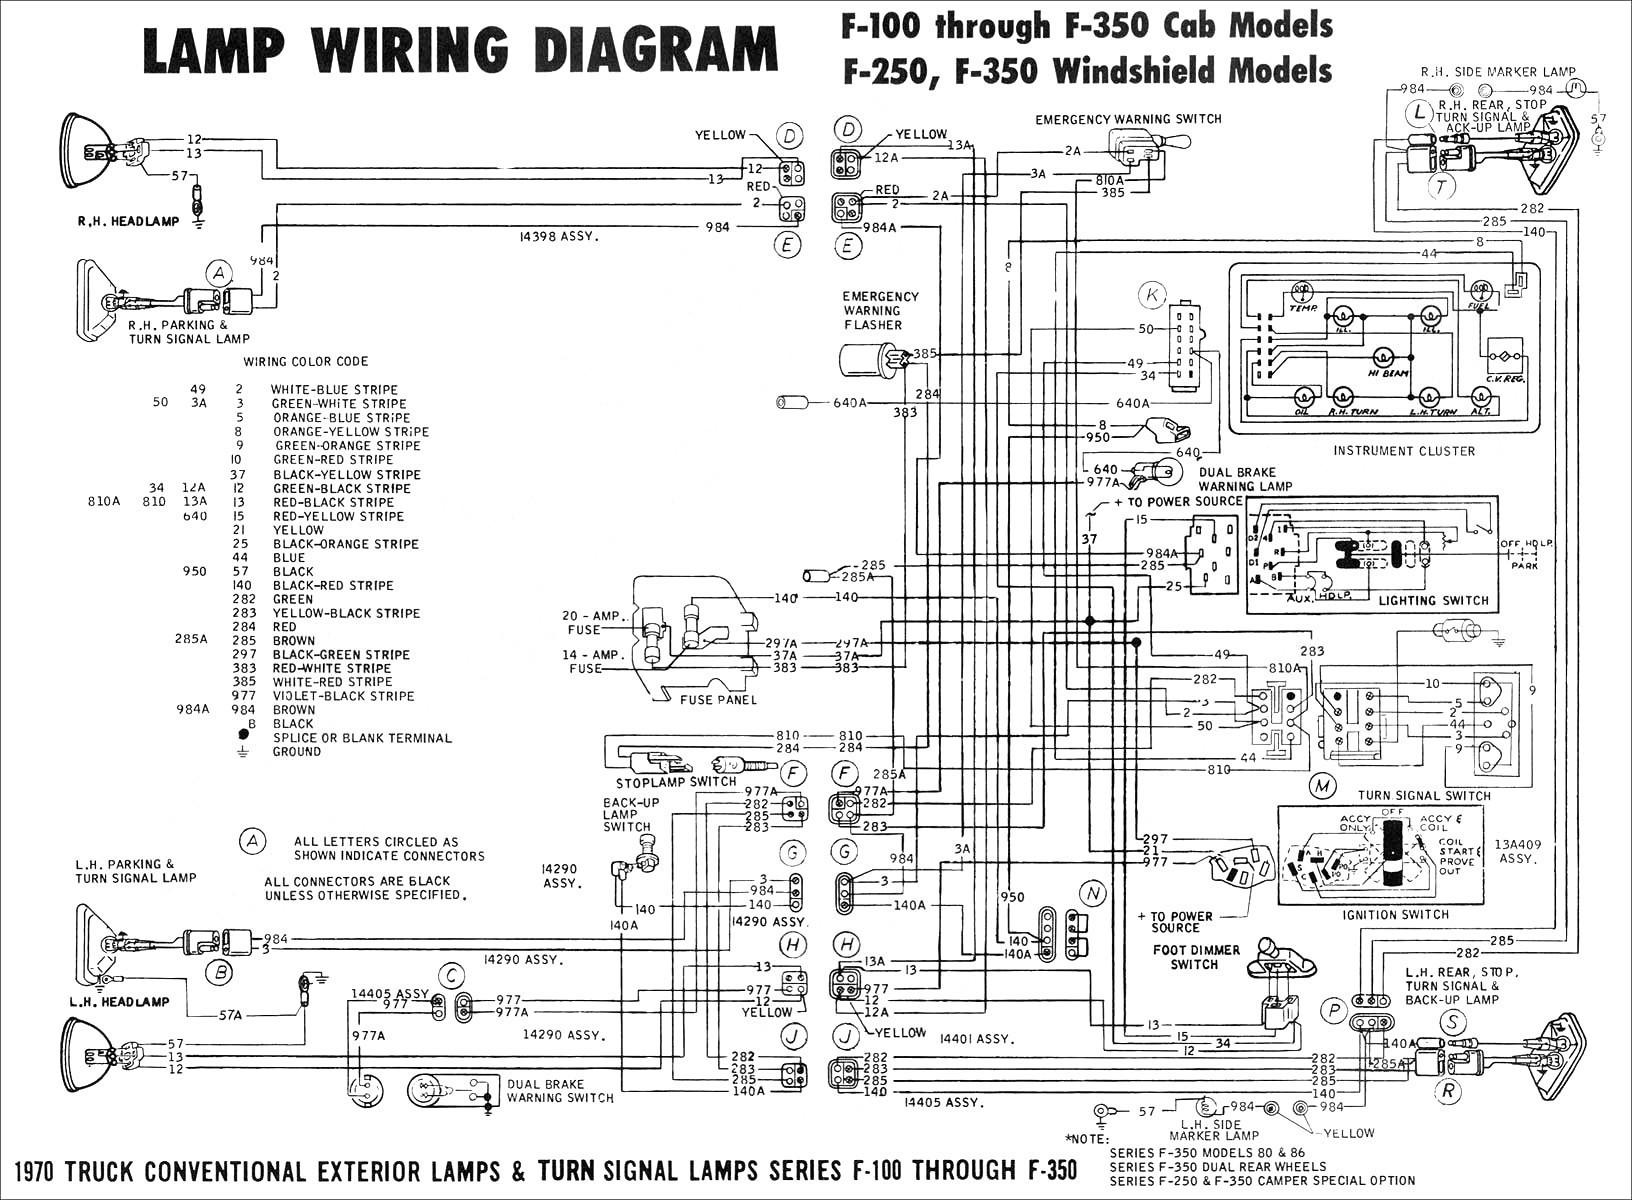 Honda Rebel 250 Wiring Diagram | My Wiring DIagram on 1986 honda rebel brake pads, 1986 yamaha virago wiring diagram, 1986 honda rebel electrical system, 1986 honda rebel parts, 1985 honda rebel wiring diagram, 1986 honda rebel manual, honda rebel 250 wiring diagram, 2007 honda rebel wiring diagram, 1986 honda rebel carburetor, 2000 honda rebel wiring diagram, 1986 honda goldwing wiring diagram, 2008 honda rebel wiring diagram, 1986 harley sportster wiring diagram,